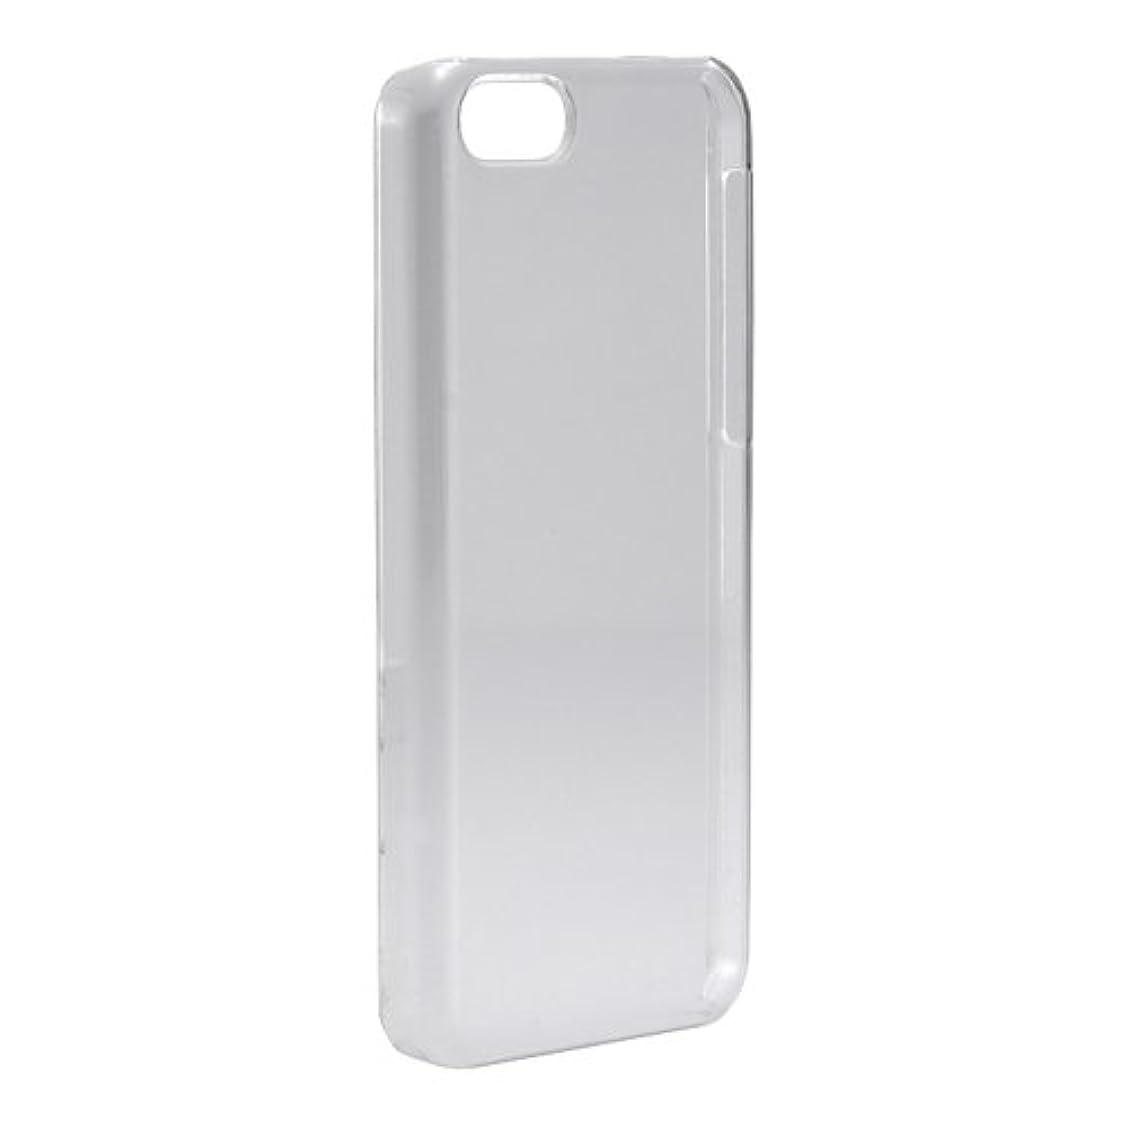 ビリーヤギビジター敬礼iBUFFALO iPhone5C用 3Hハードケース 液晶保護フィルム付 クリア BSIP13CPCHCR